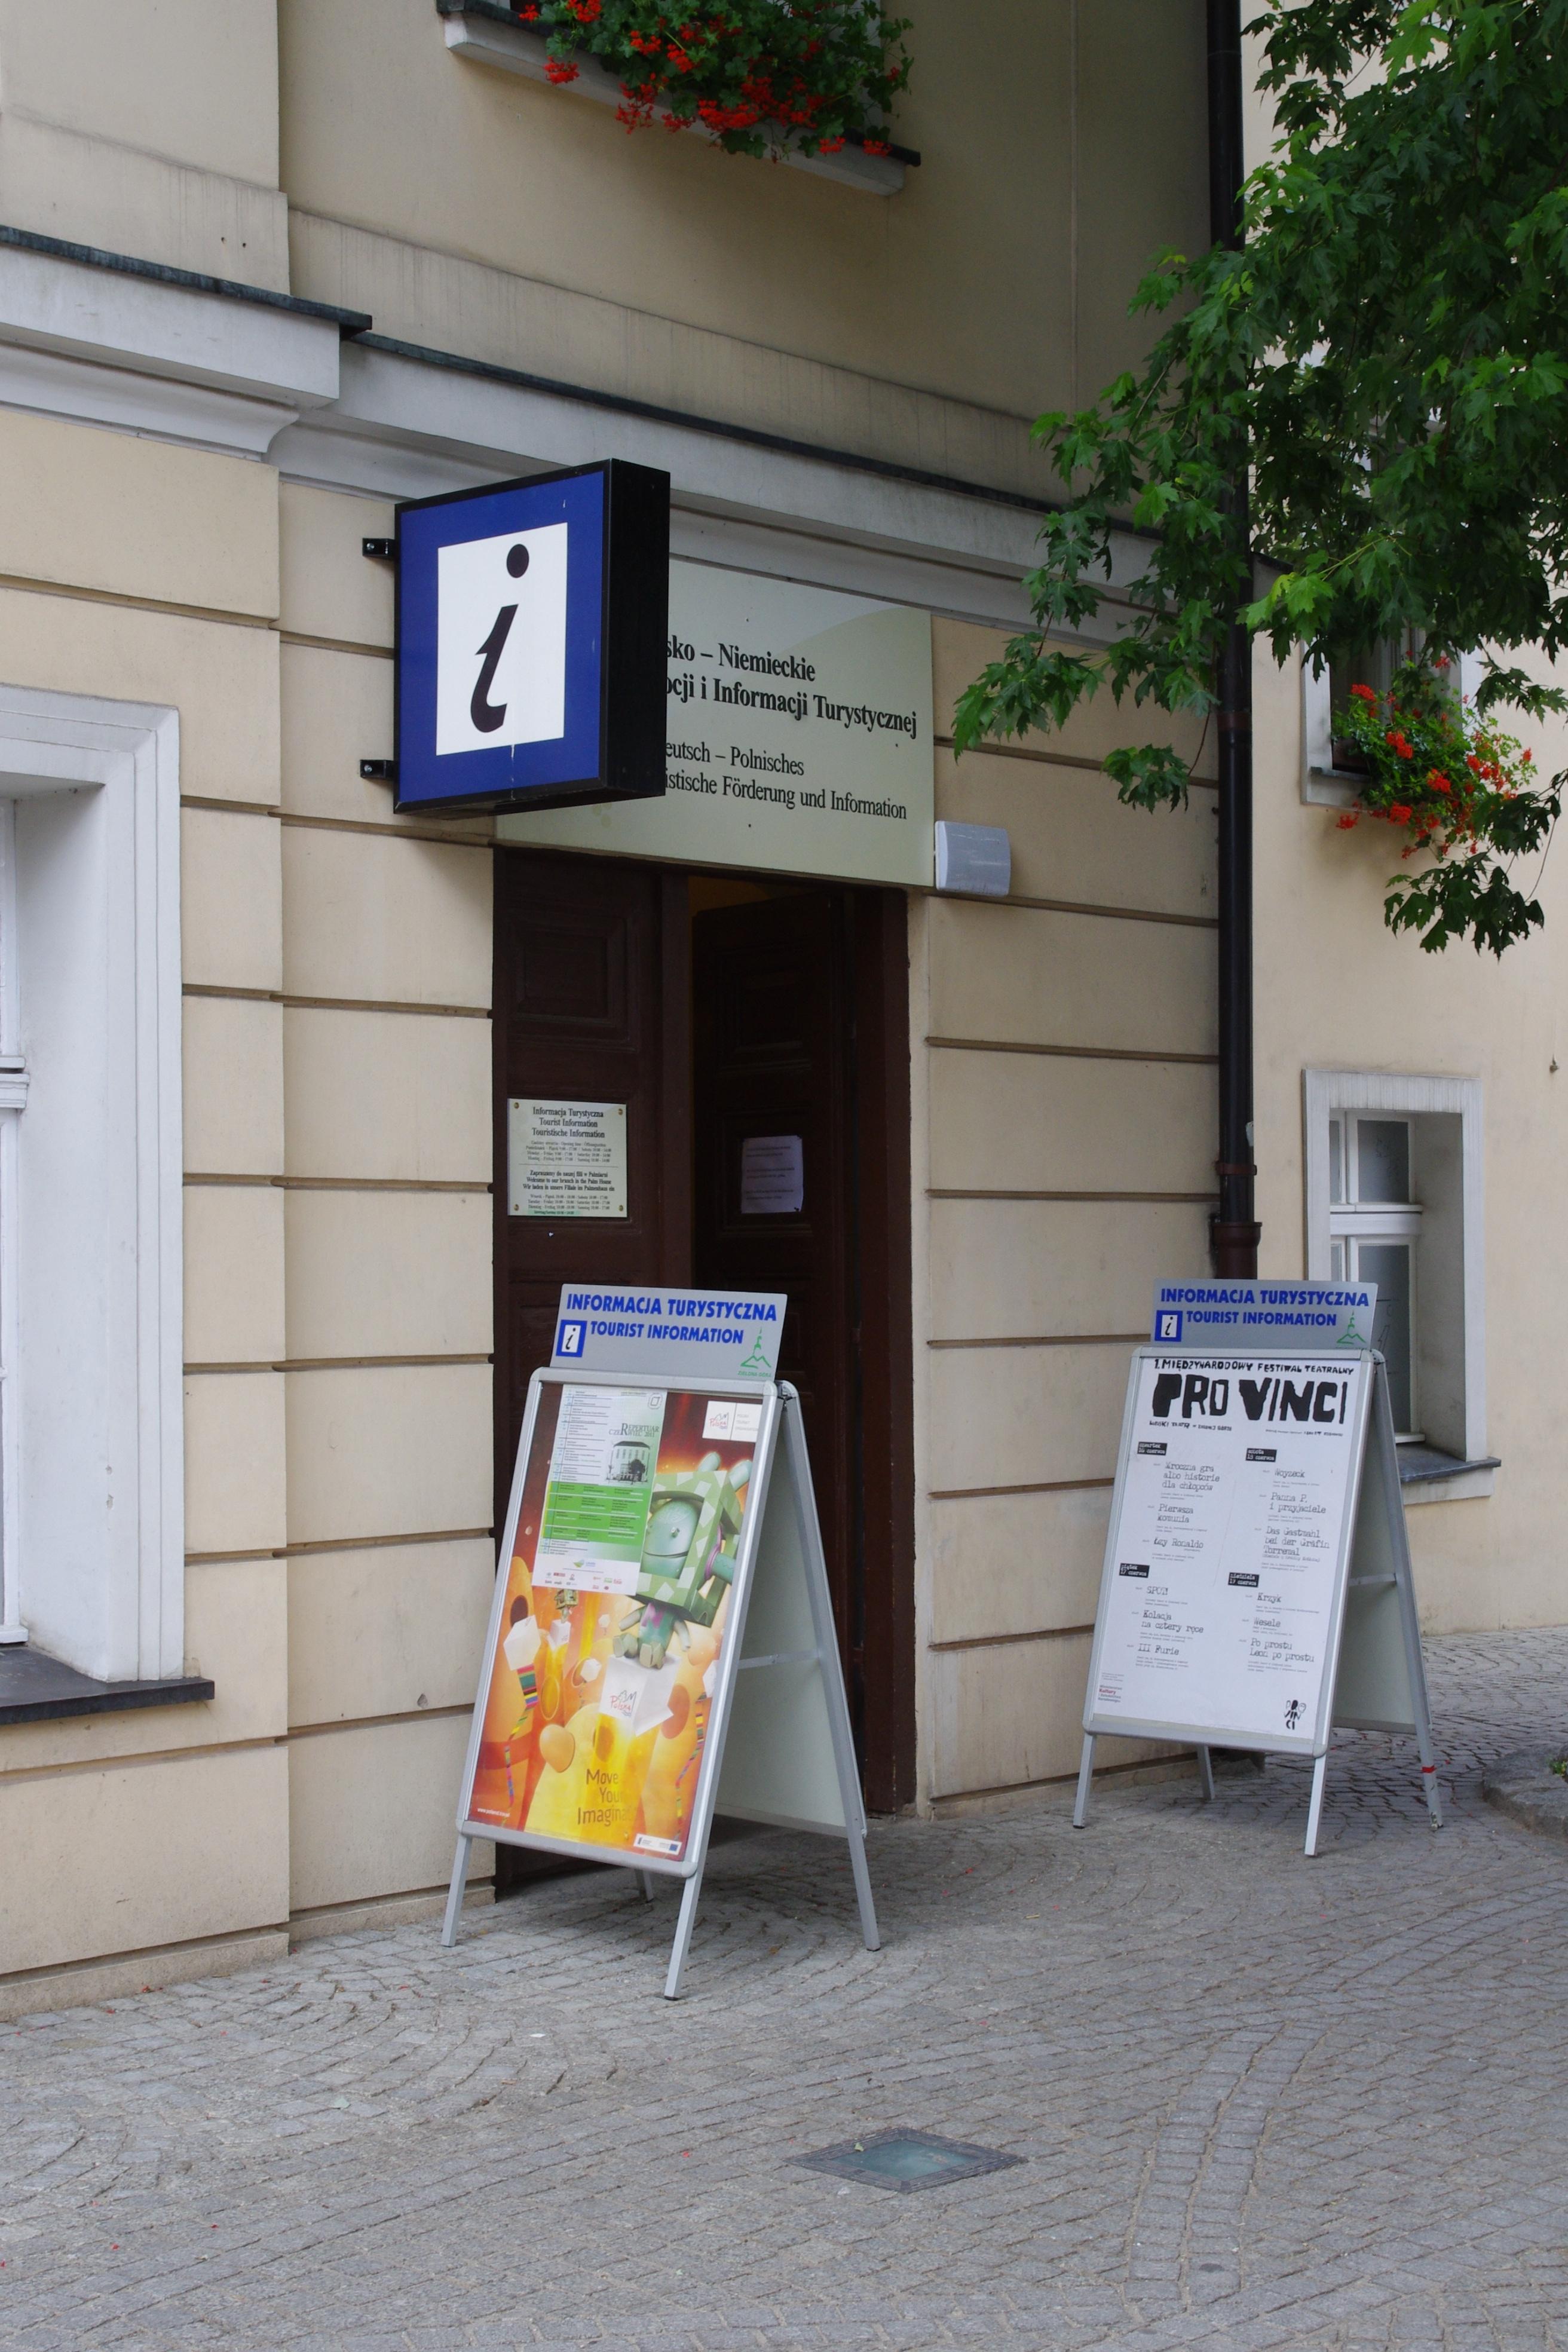 Polnisch-Deutsches-Zentrum in Zielona Góra